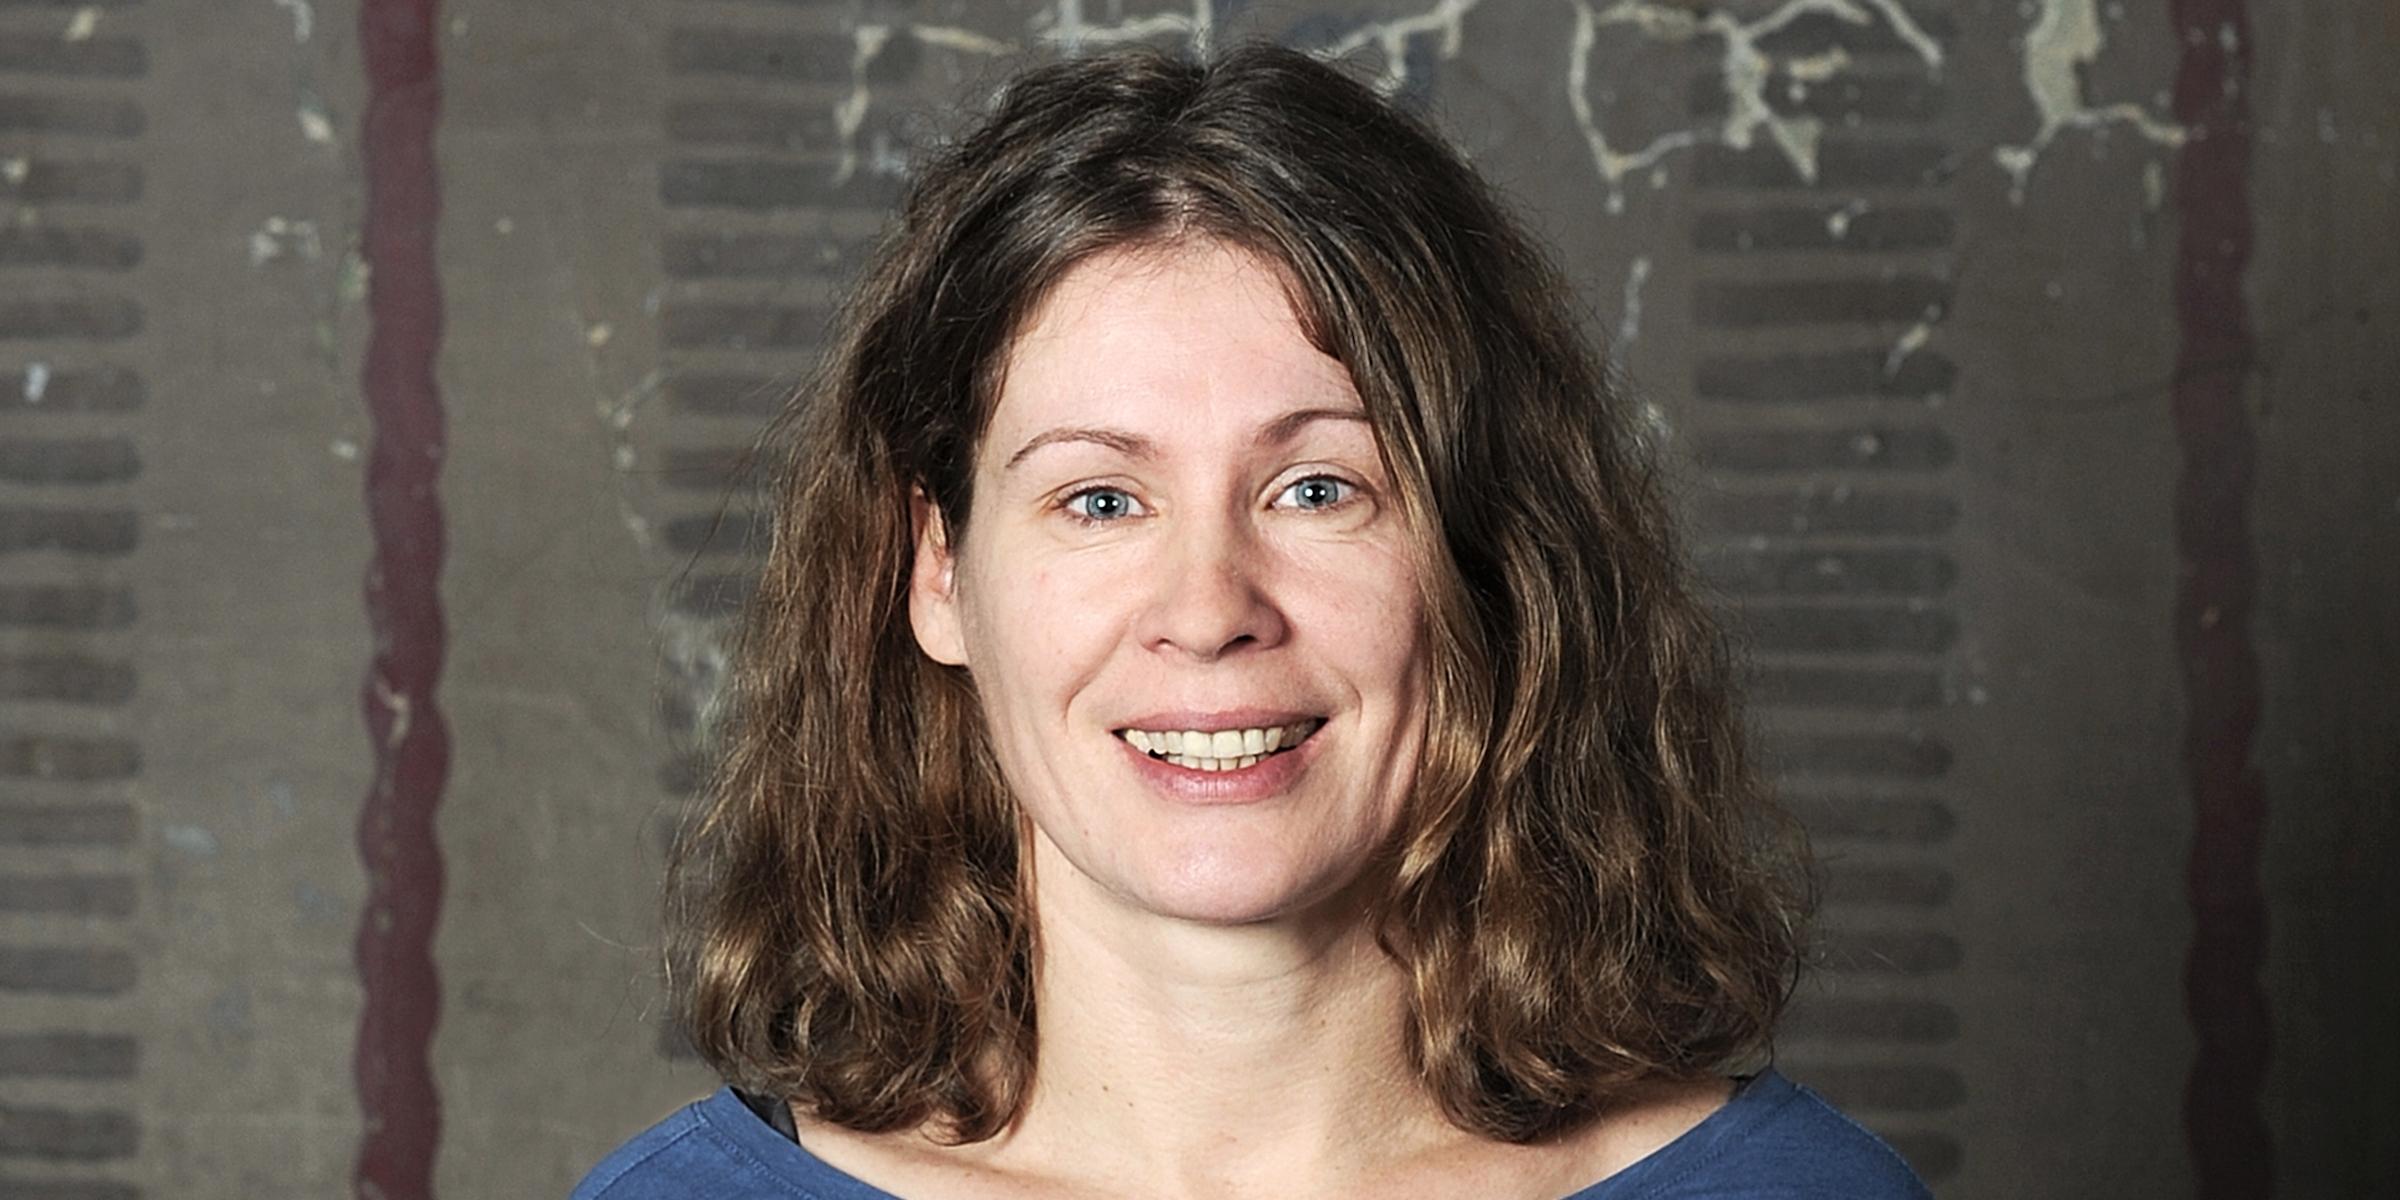 Porträts der Freien Bühne Wendland, Jeannette Arndt